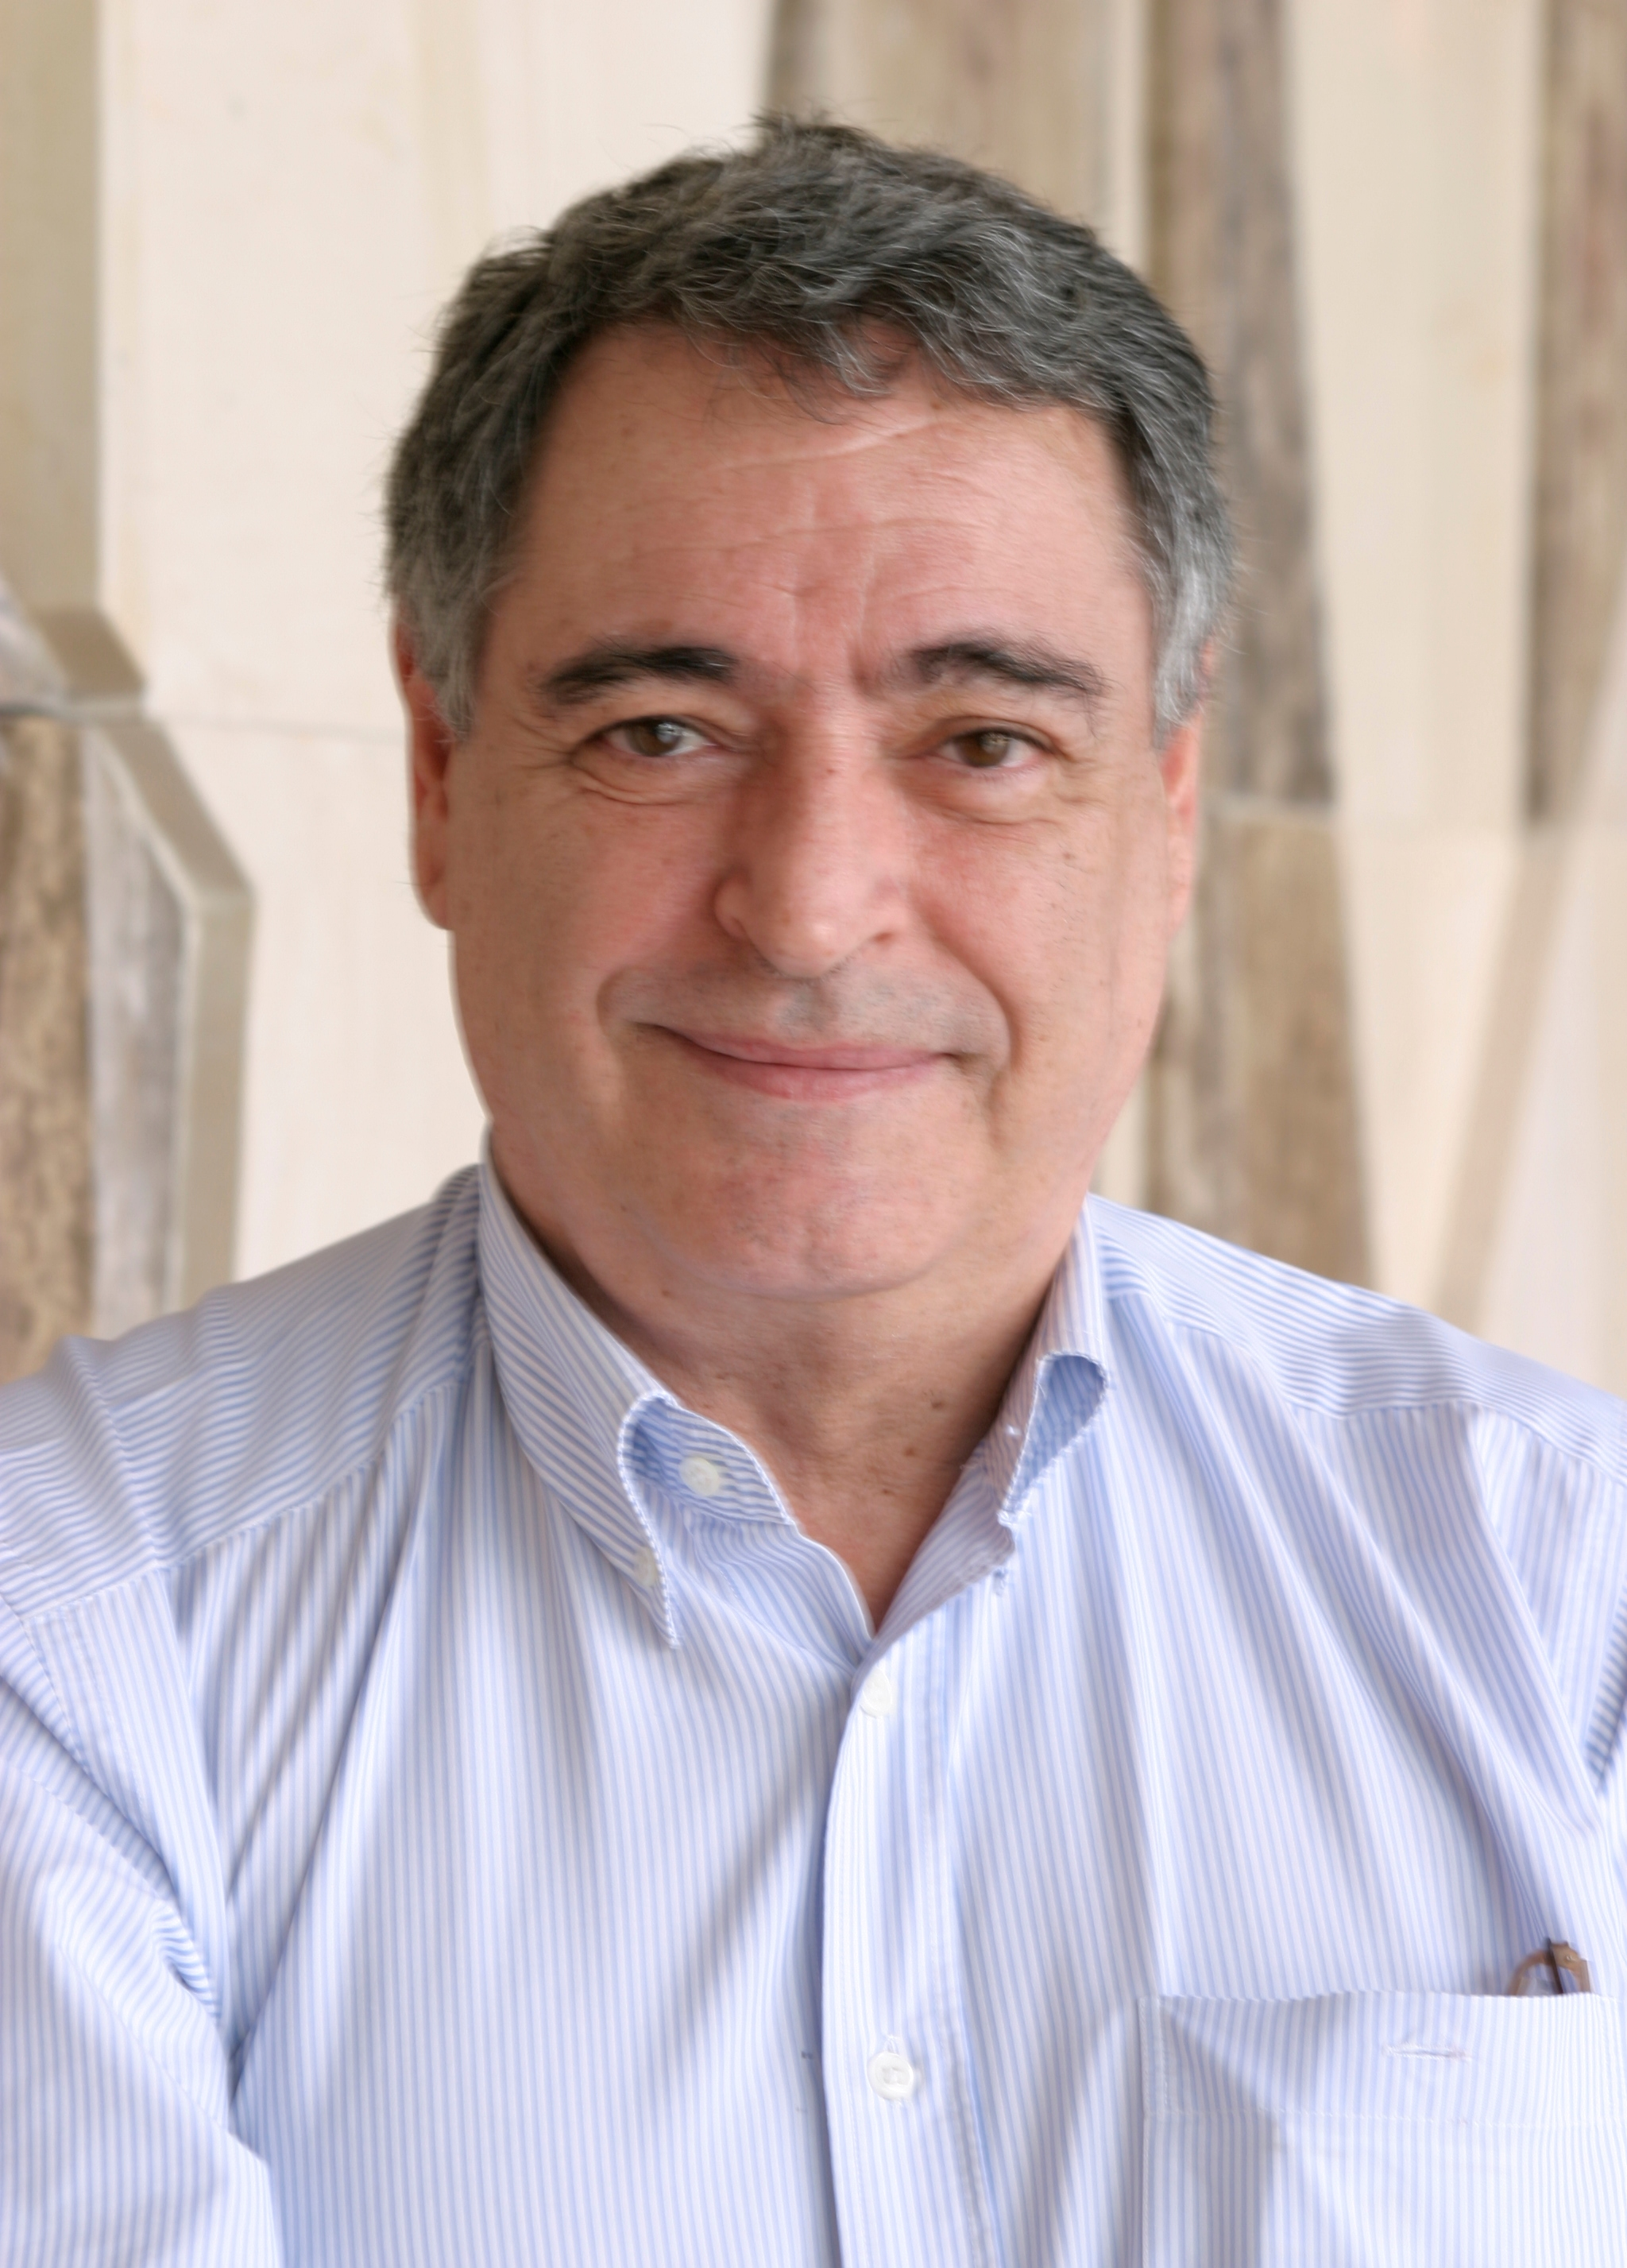 FOTO 3.- MARIO HERNÁNDEZ